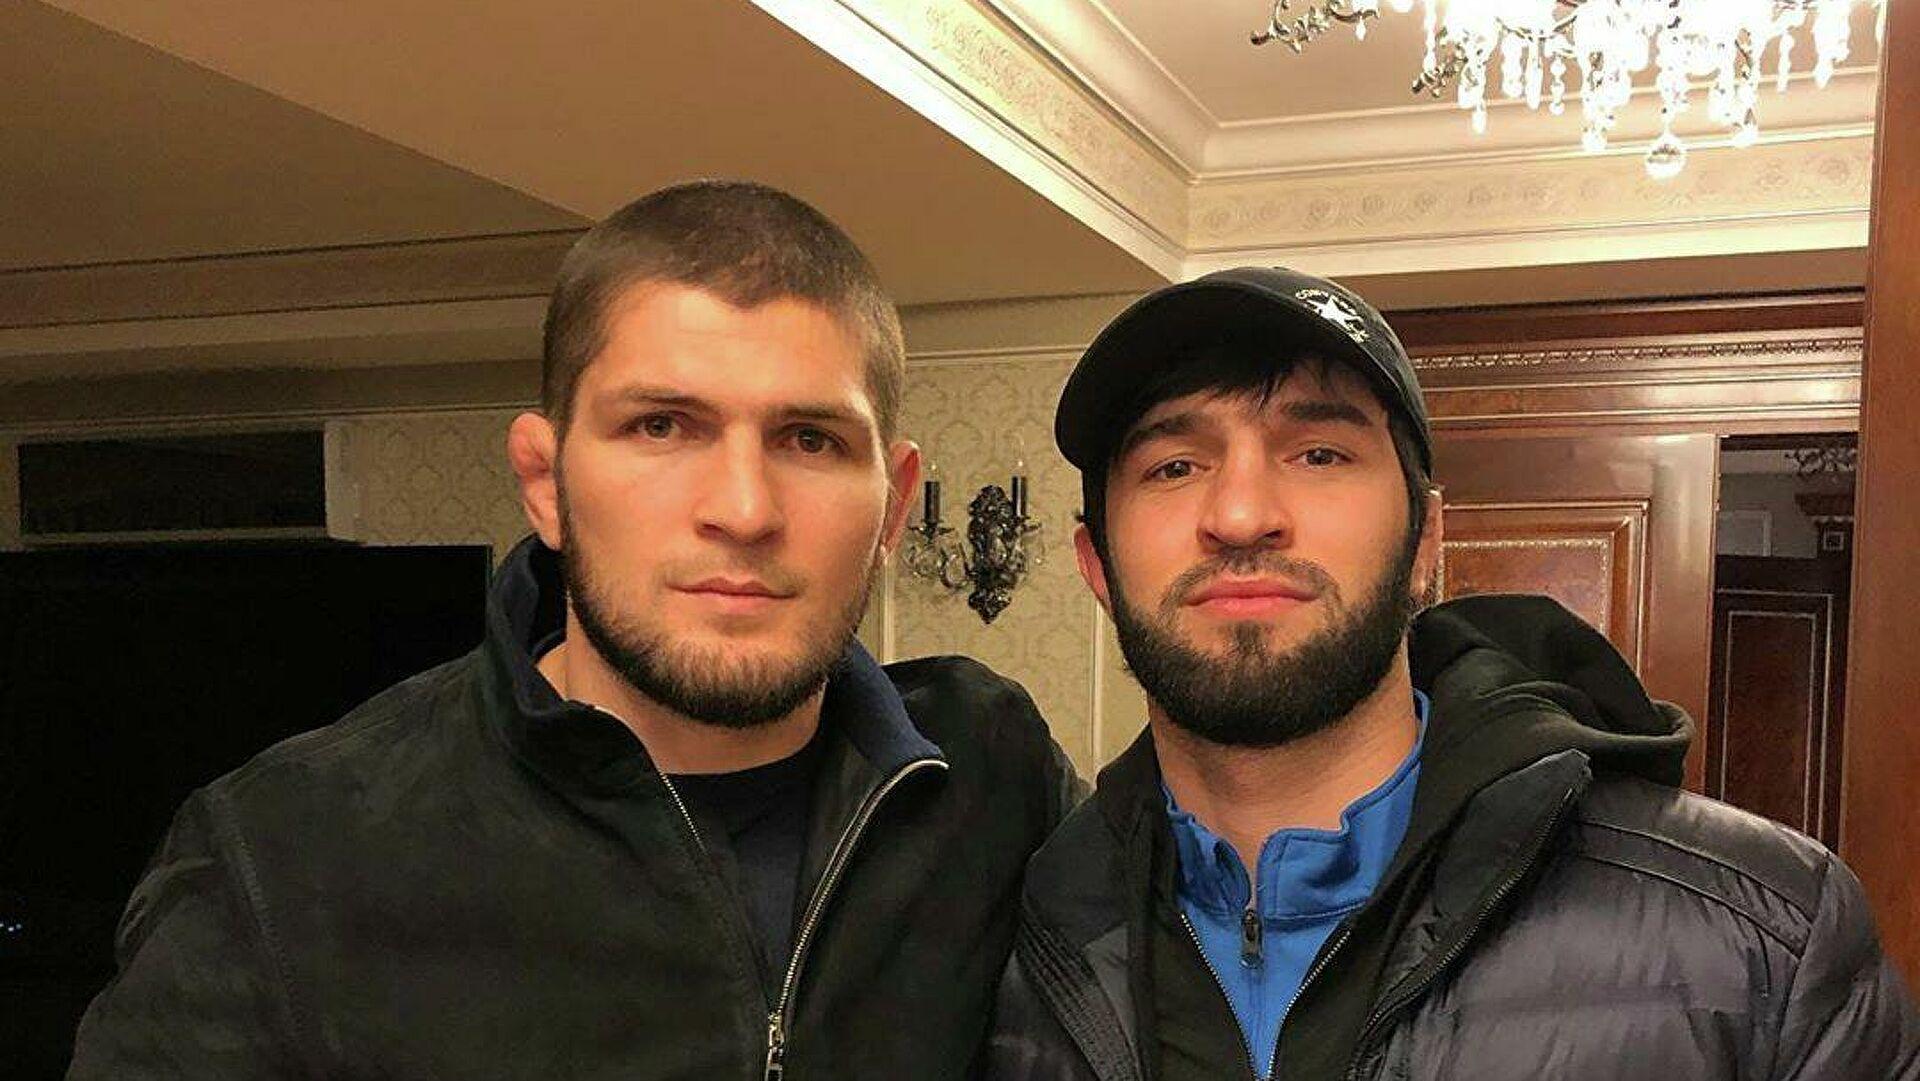 Зубайра Тухугов высказался о конфликте между Кадыровым и Хабибом